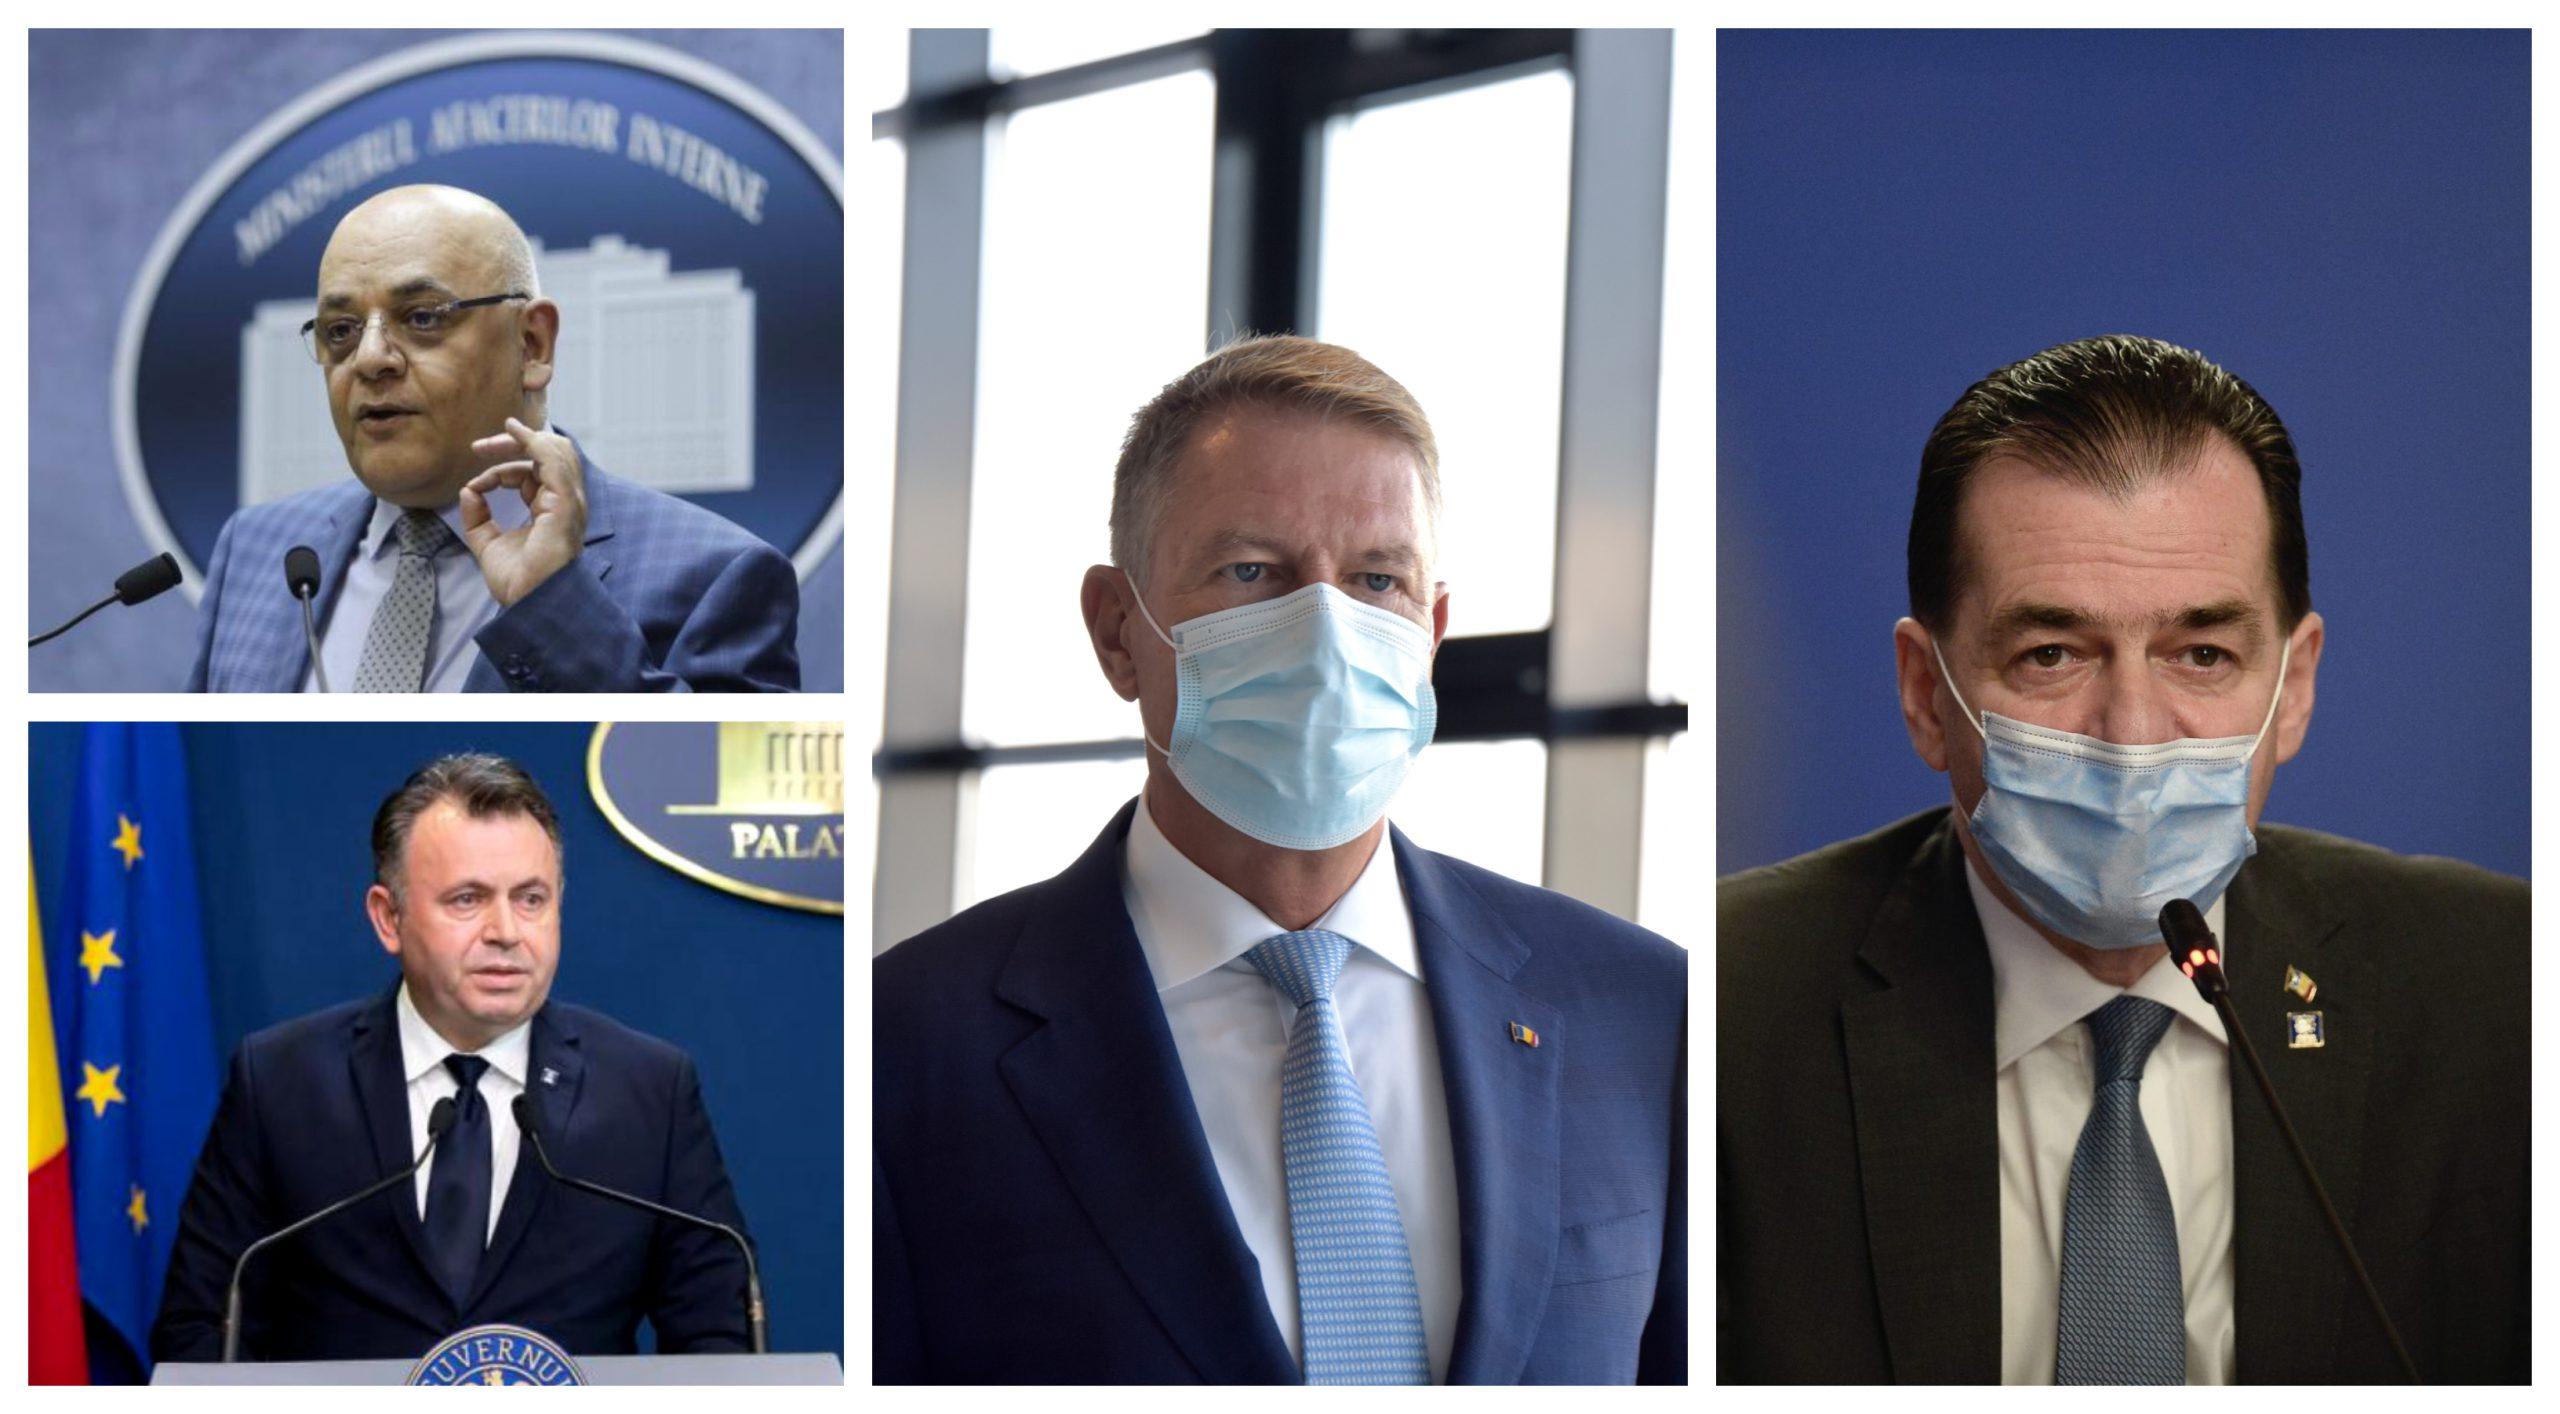 Cum au reacționat Klaus Iohannis, Ludovic Orban, Nelu Tătaru și Raed  Arafat, după ce spitalul din Piatra Neamț a fost mistuit și 10 oameni au  murit! Mesajele lor pentru familiile victimelor sunt